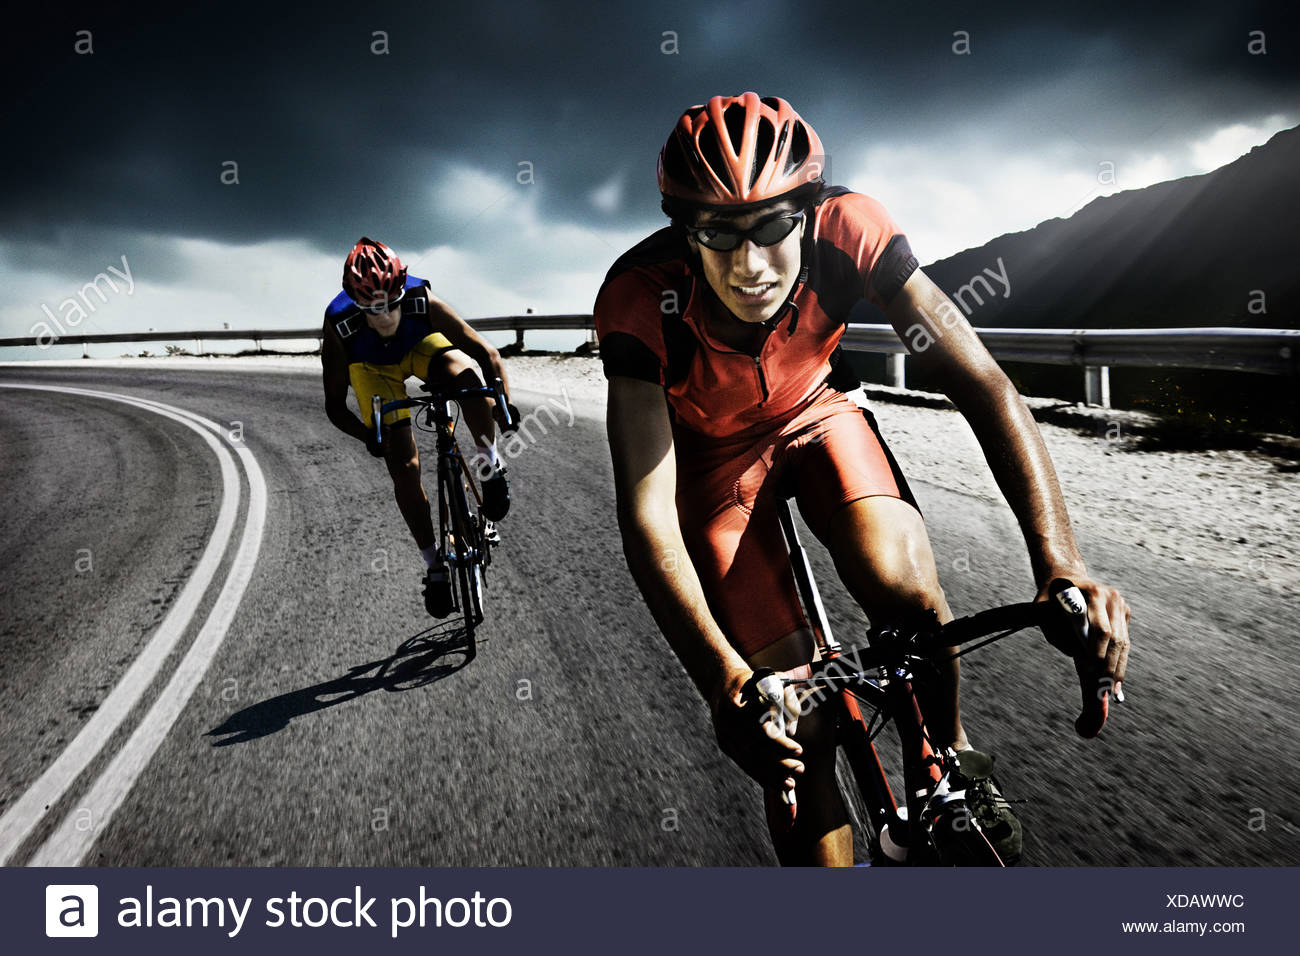 Corridori ciclisti su strada Immagini Stock